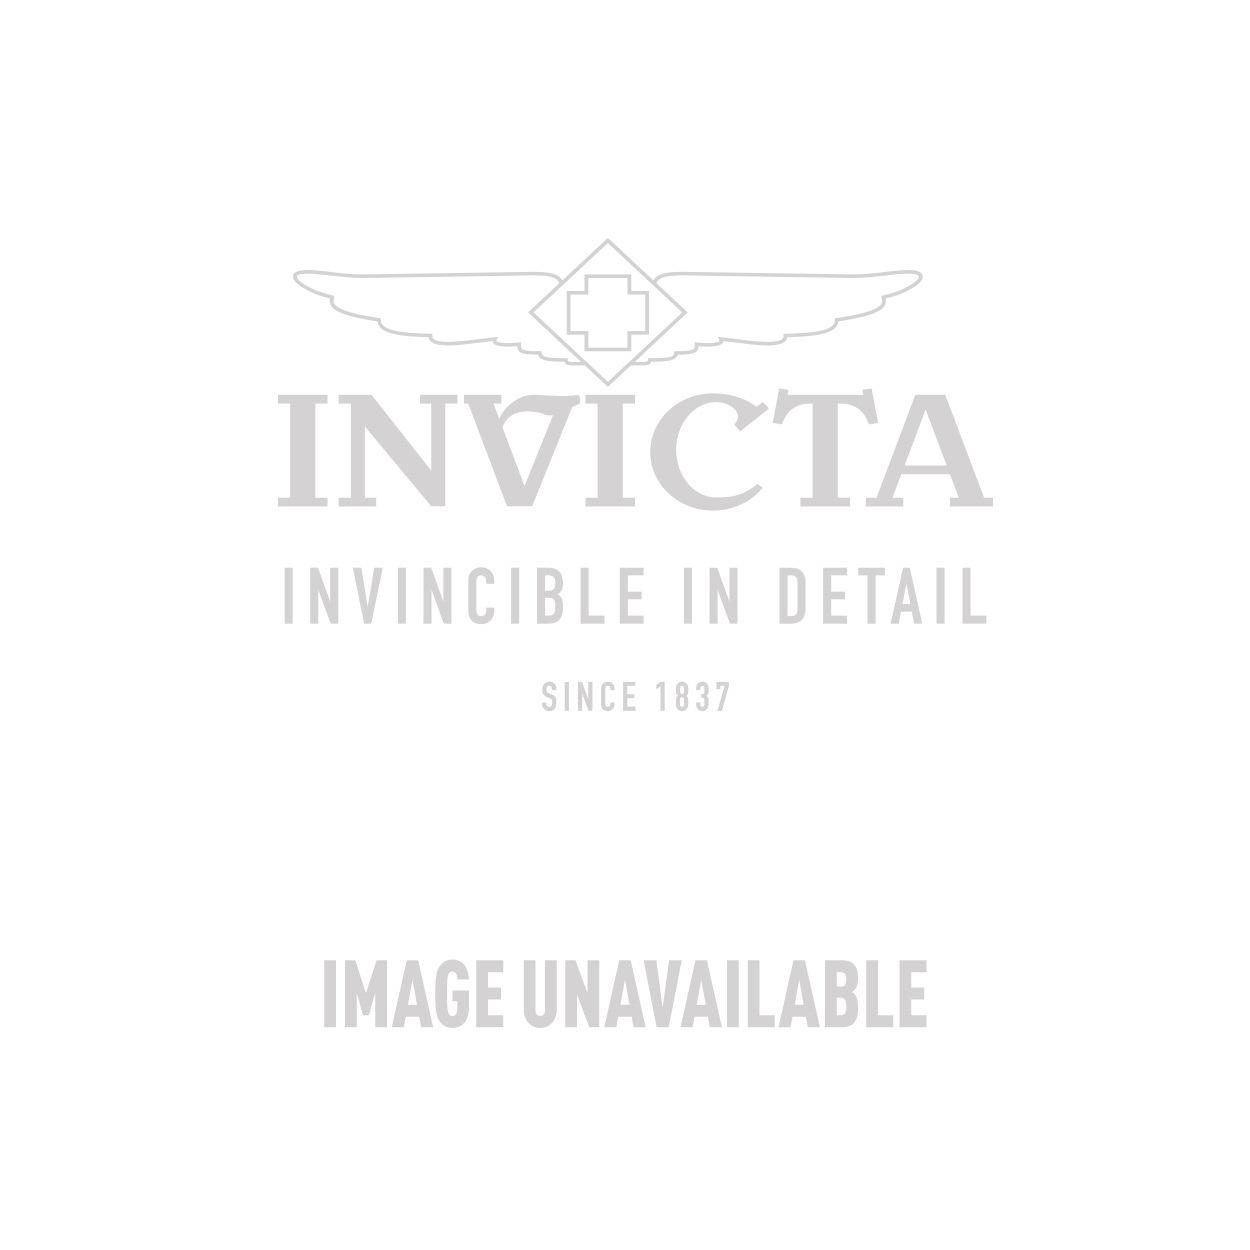 Invicta Model 25576